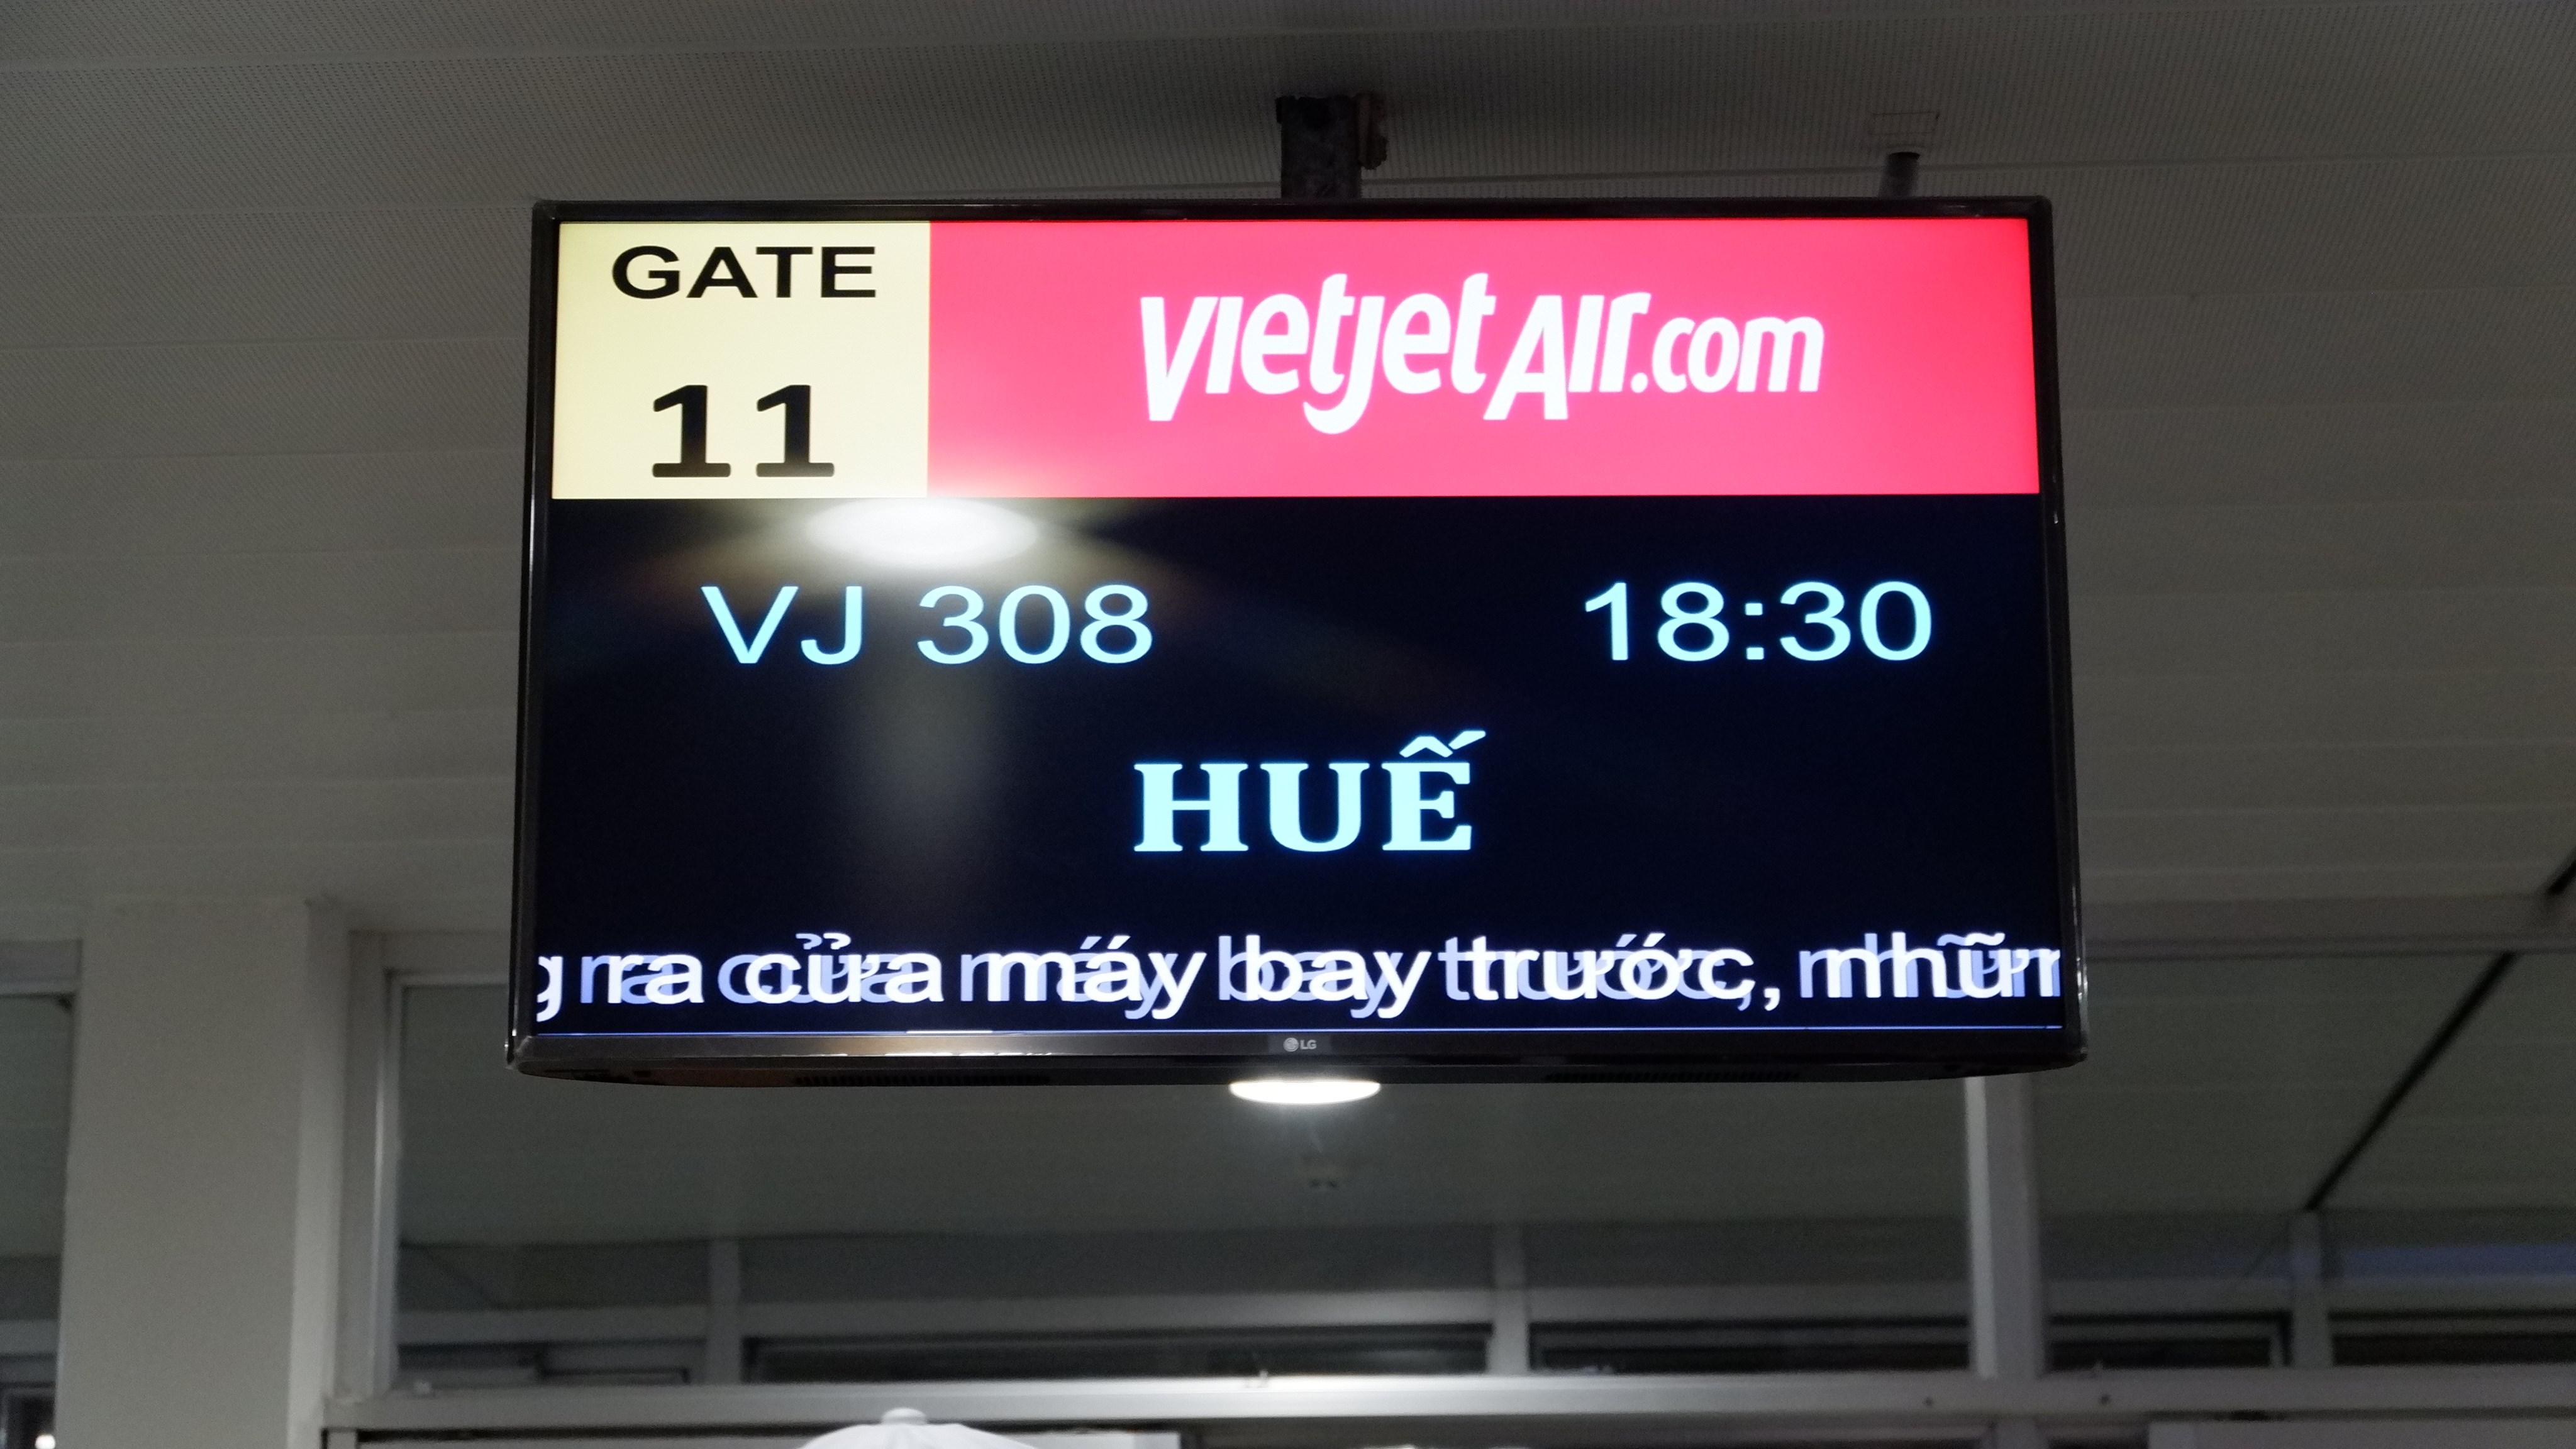 viet-jet-airlines-vietnam (1)